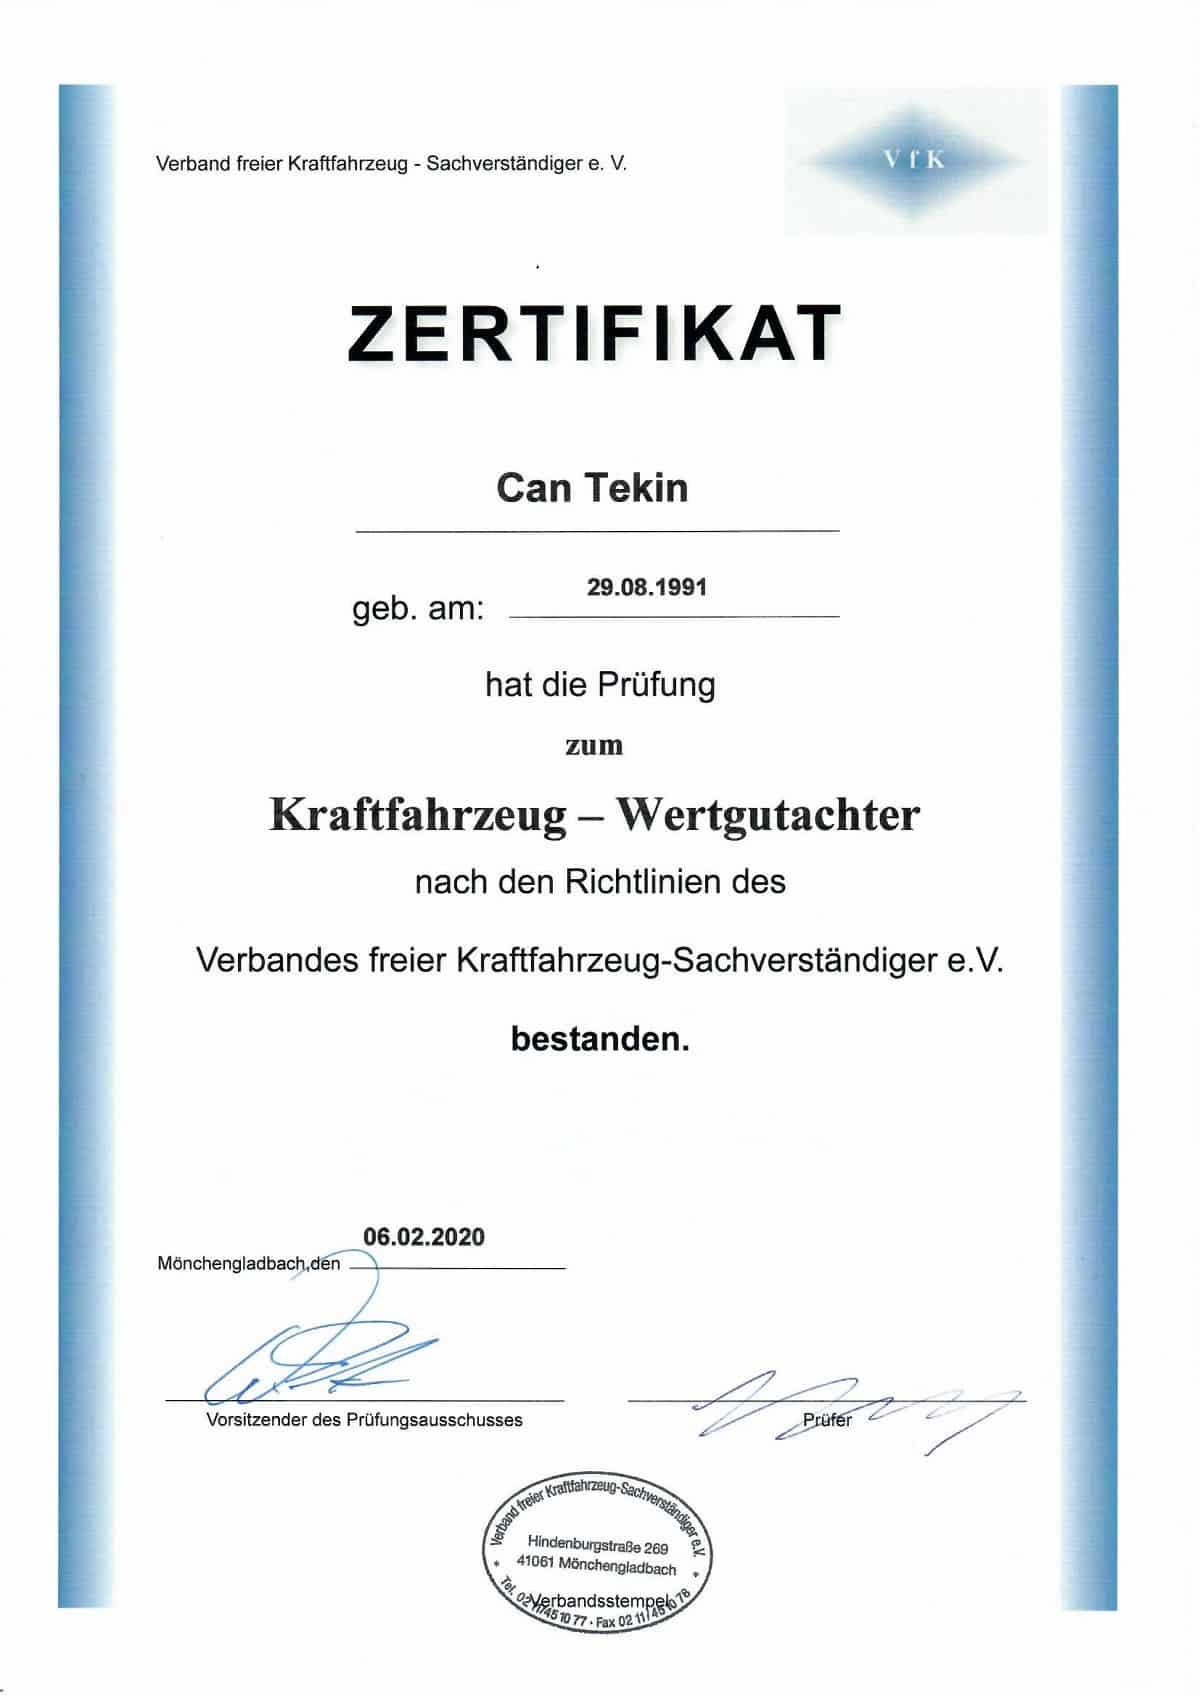 Can Tekin Wertgutachter Zertifikat